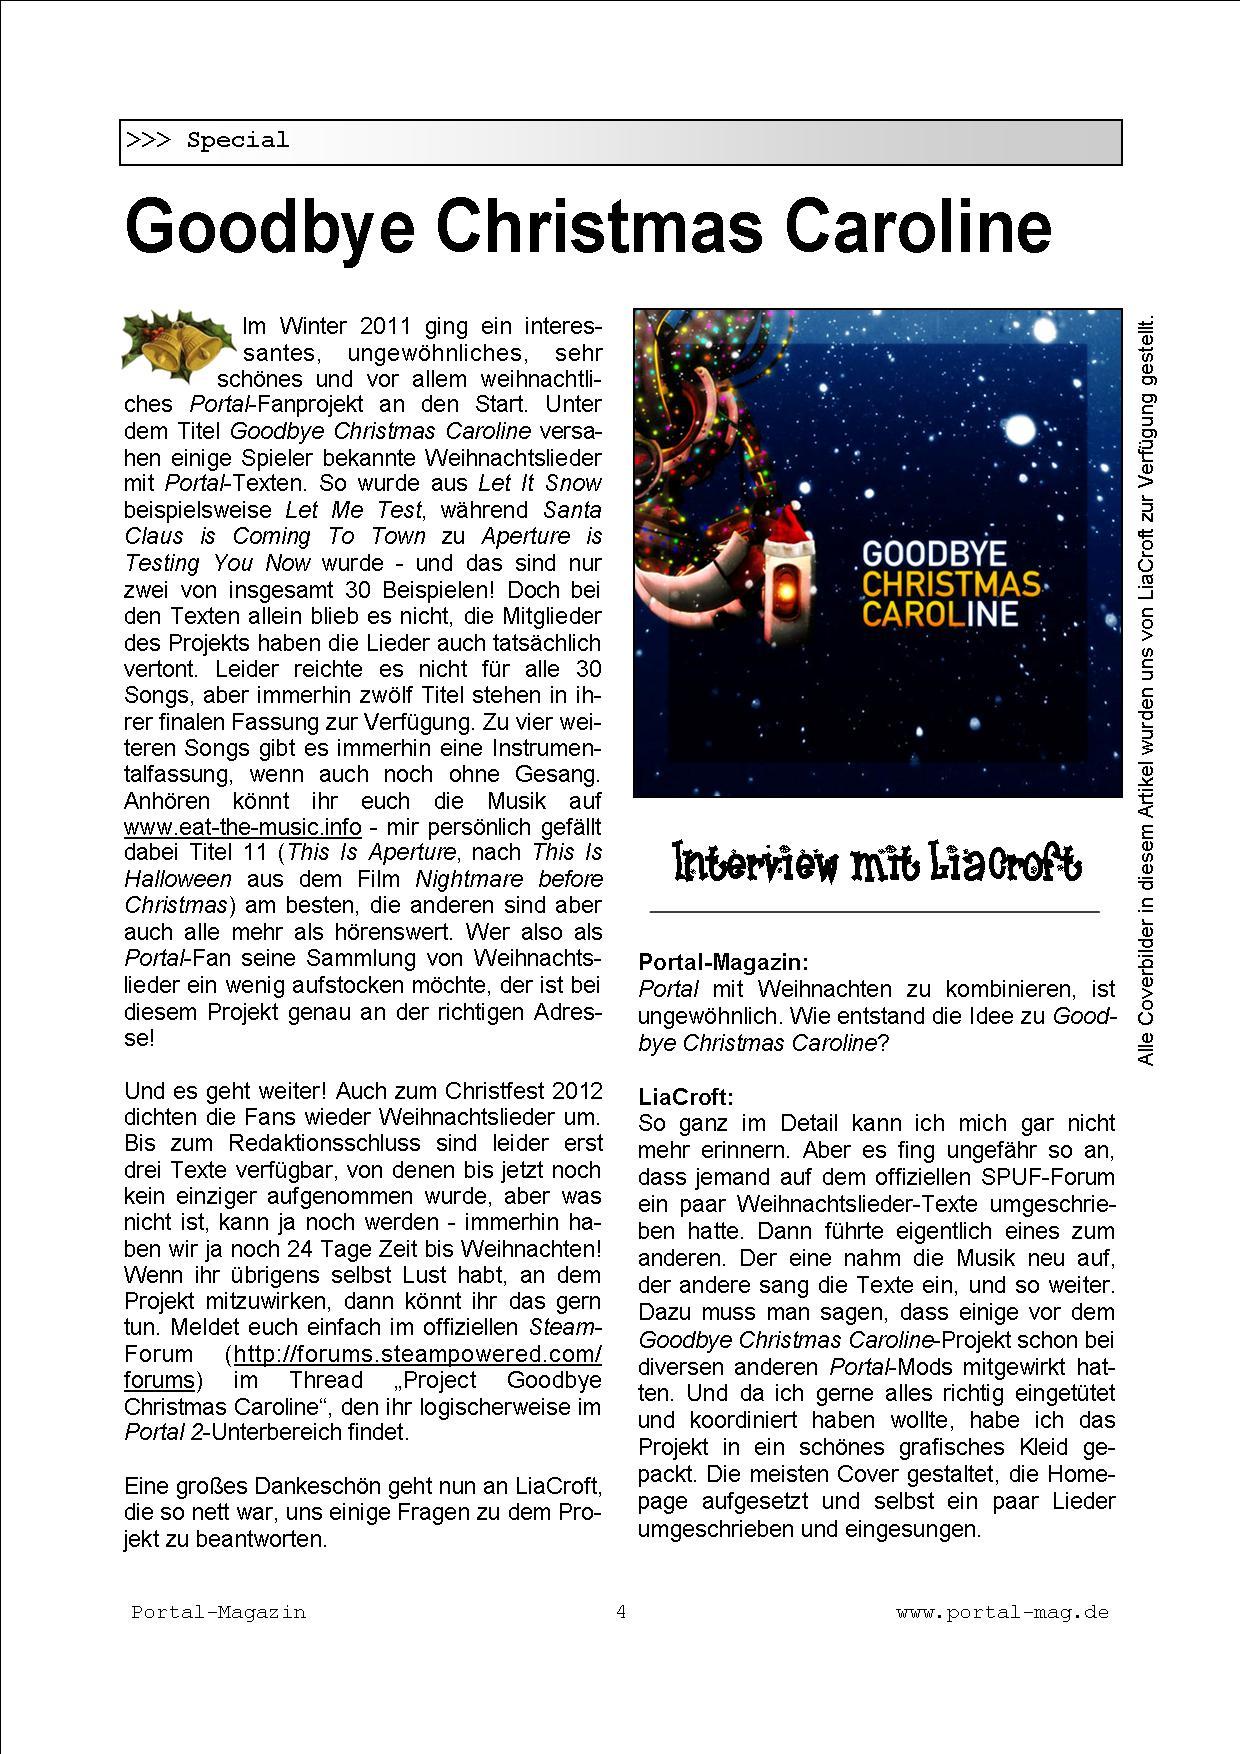 Ausgabe 11, Seite 4